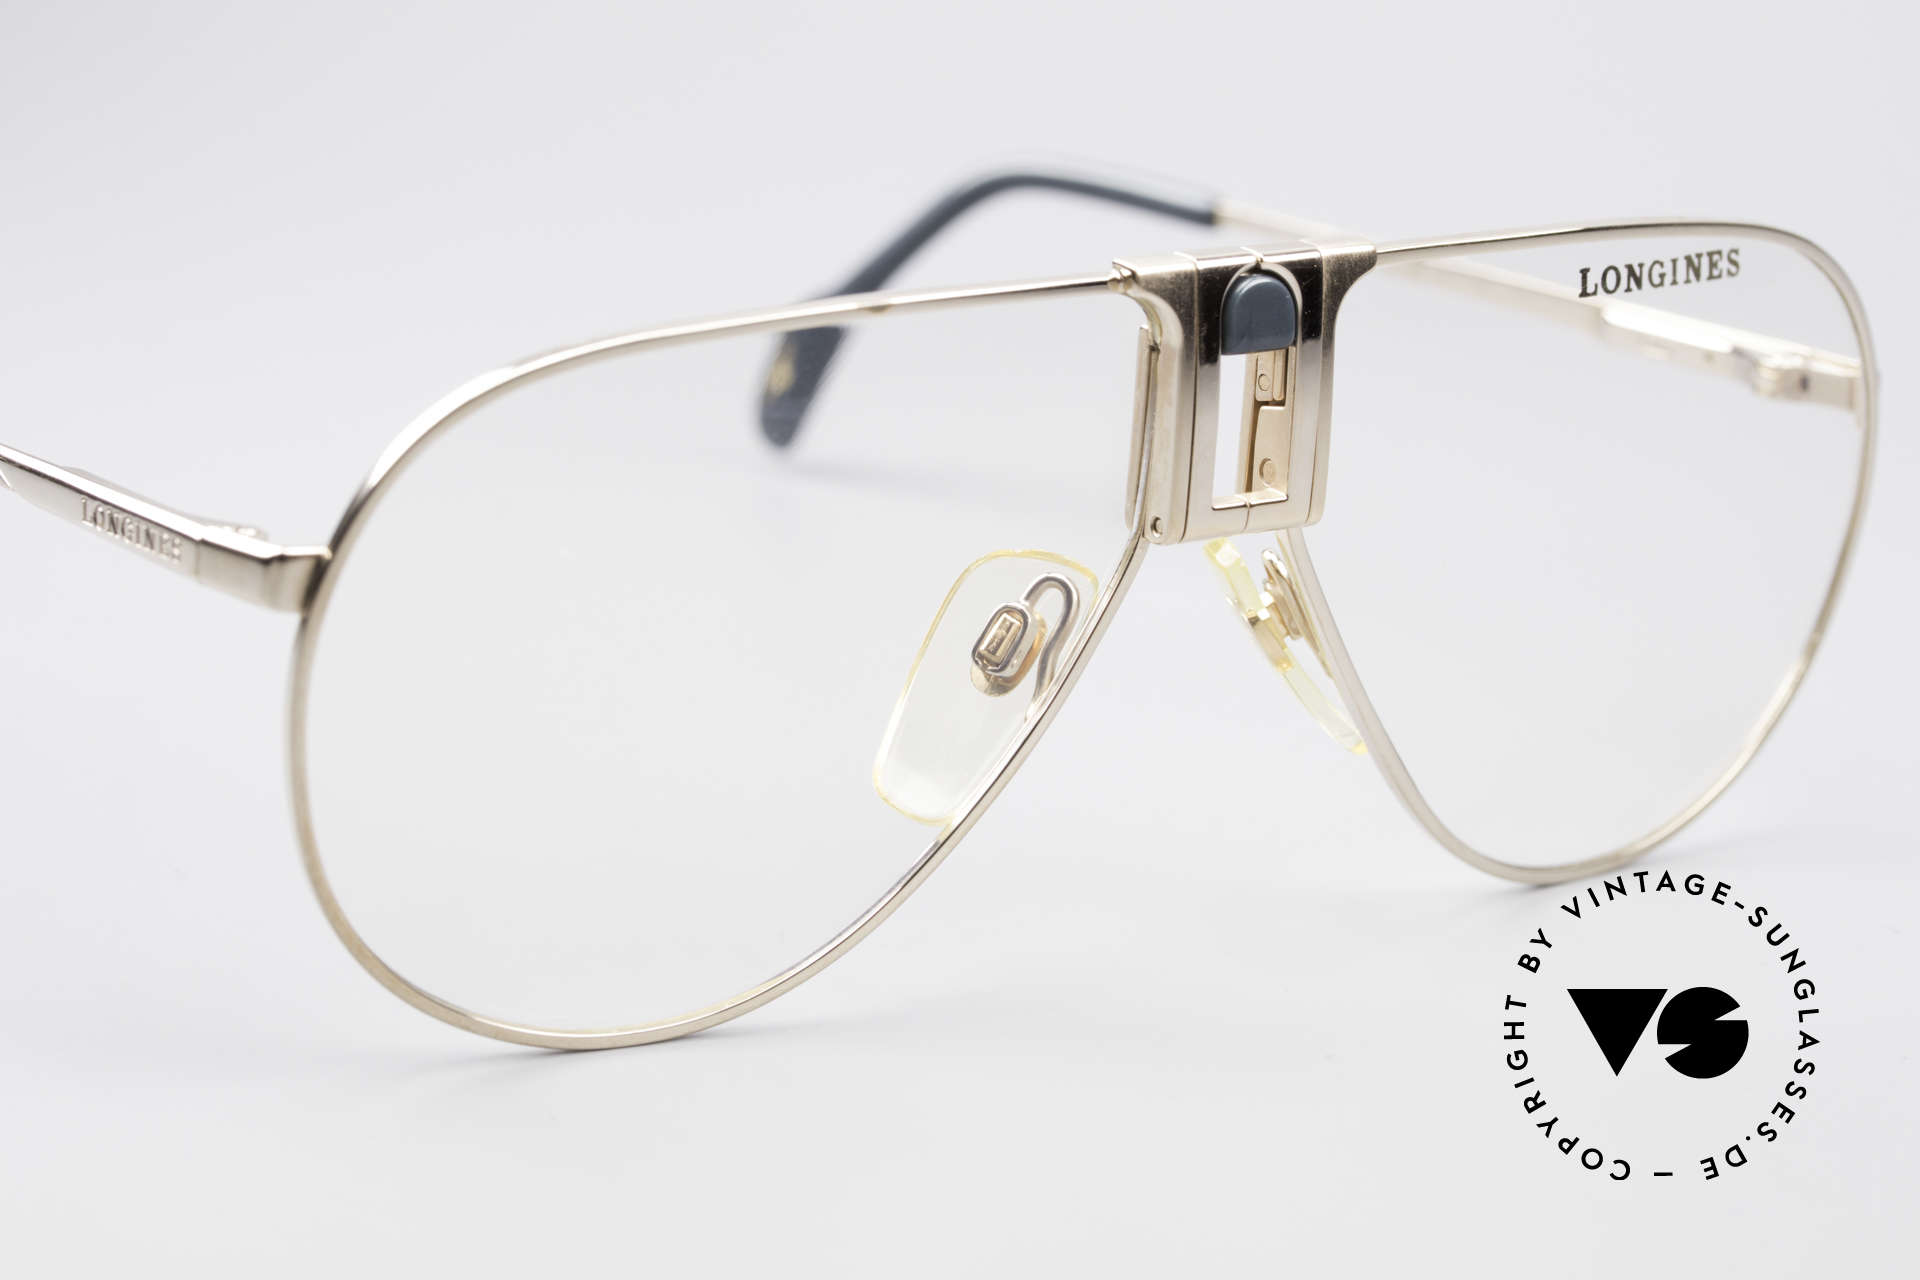 Longines 0154 1980's Aviator Eyeglasses, never worn (like all our premium vintage eyeglasses), Made for Men